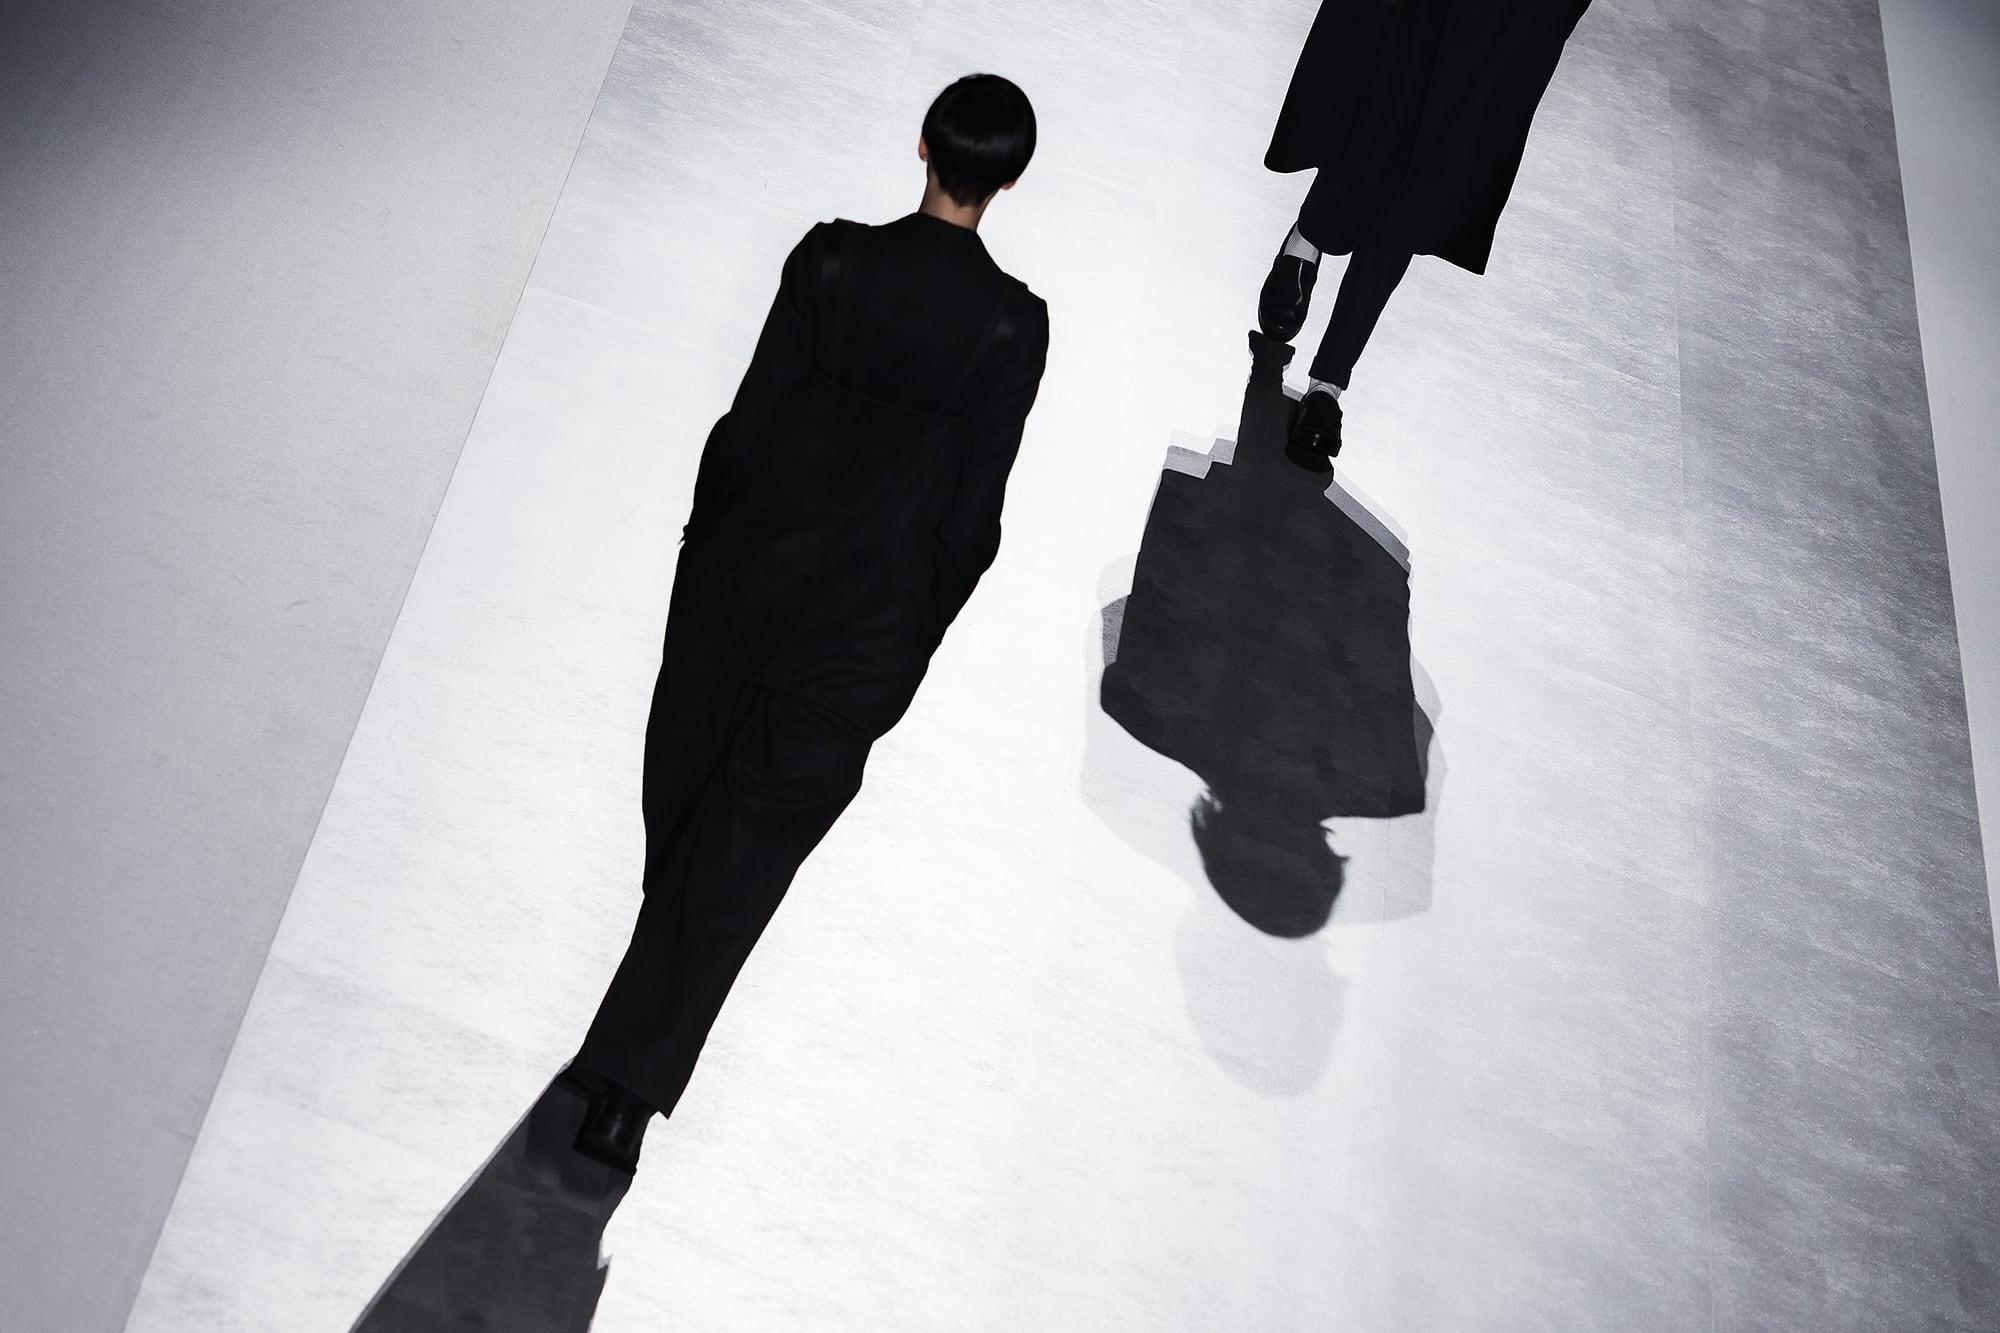 SHOWS : コレクション / ショー / ランウェイ / 演出